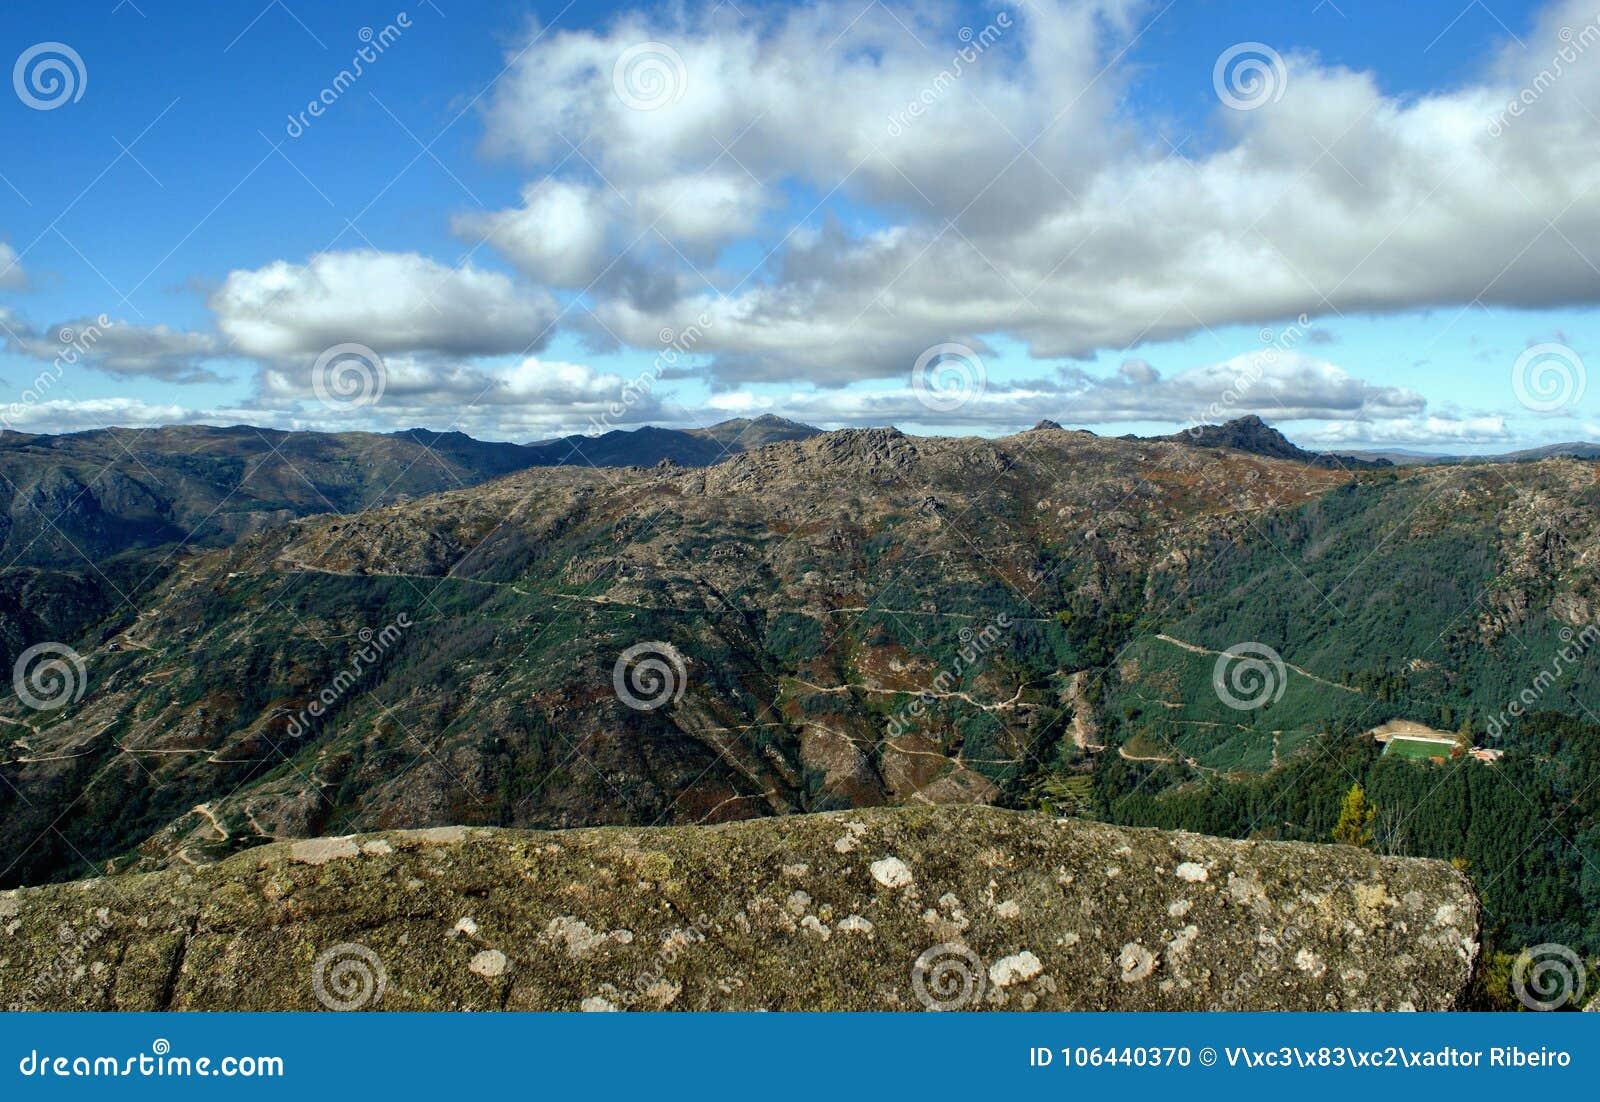 Vista cênico do parque nacional de Peneda Geres